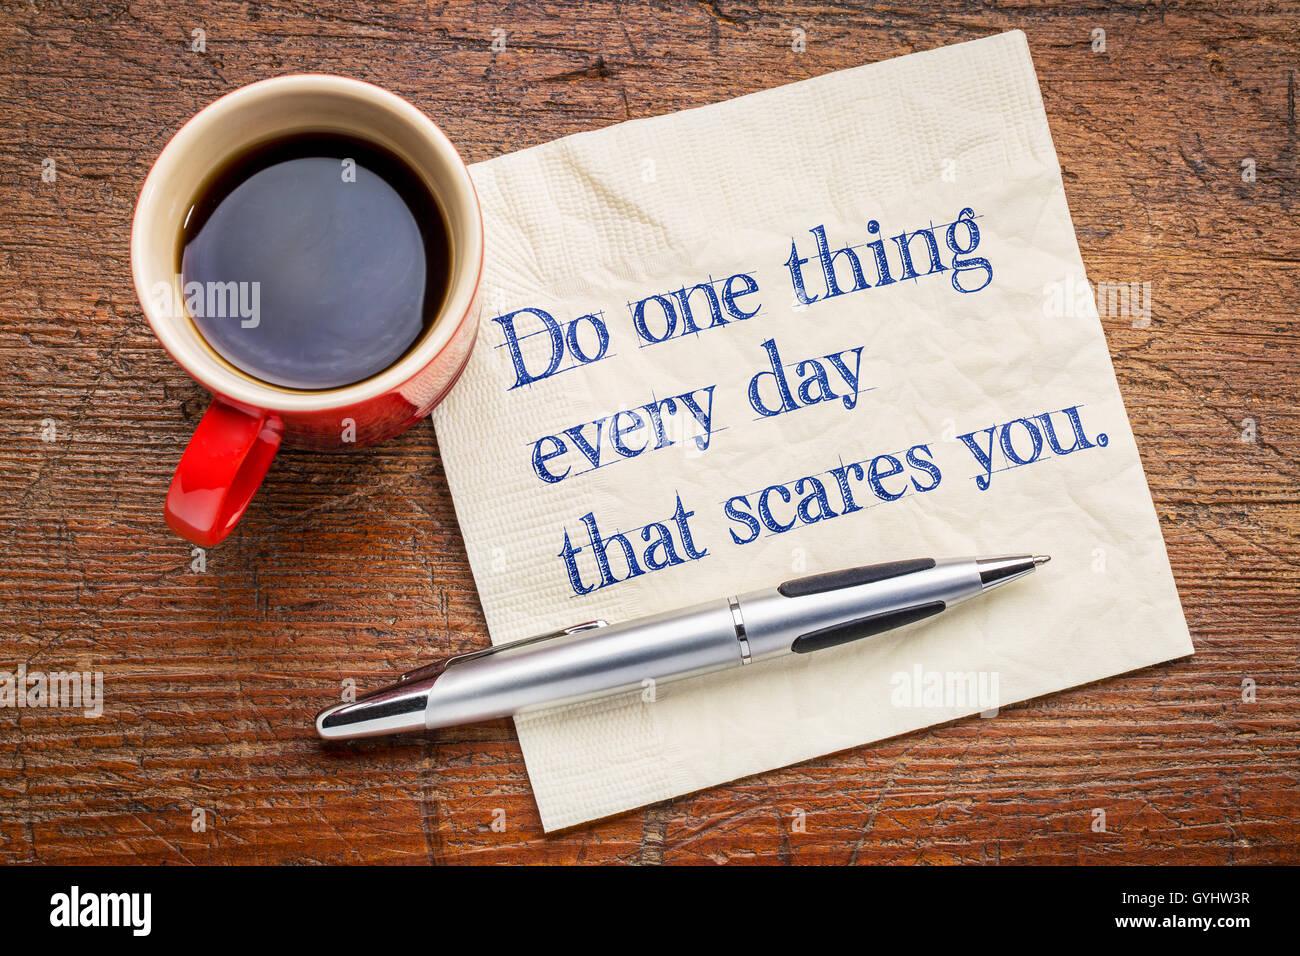 Hacer una cosa cada día que le asusta a usted - escritura motivacional en una servilleta con una taza de café Imagen De Stock